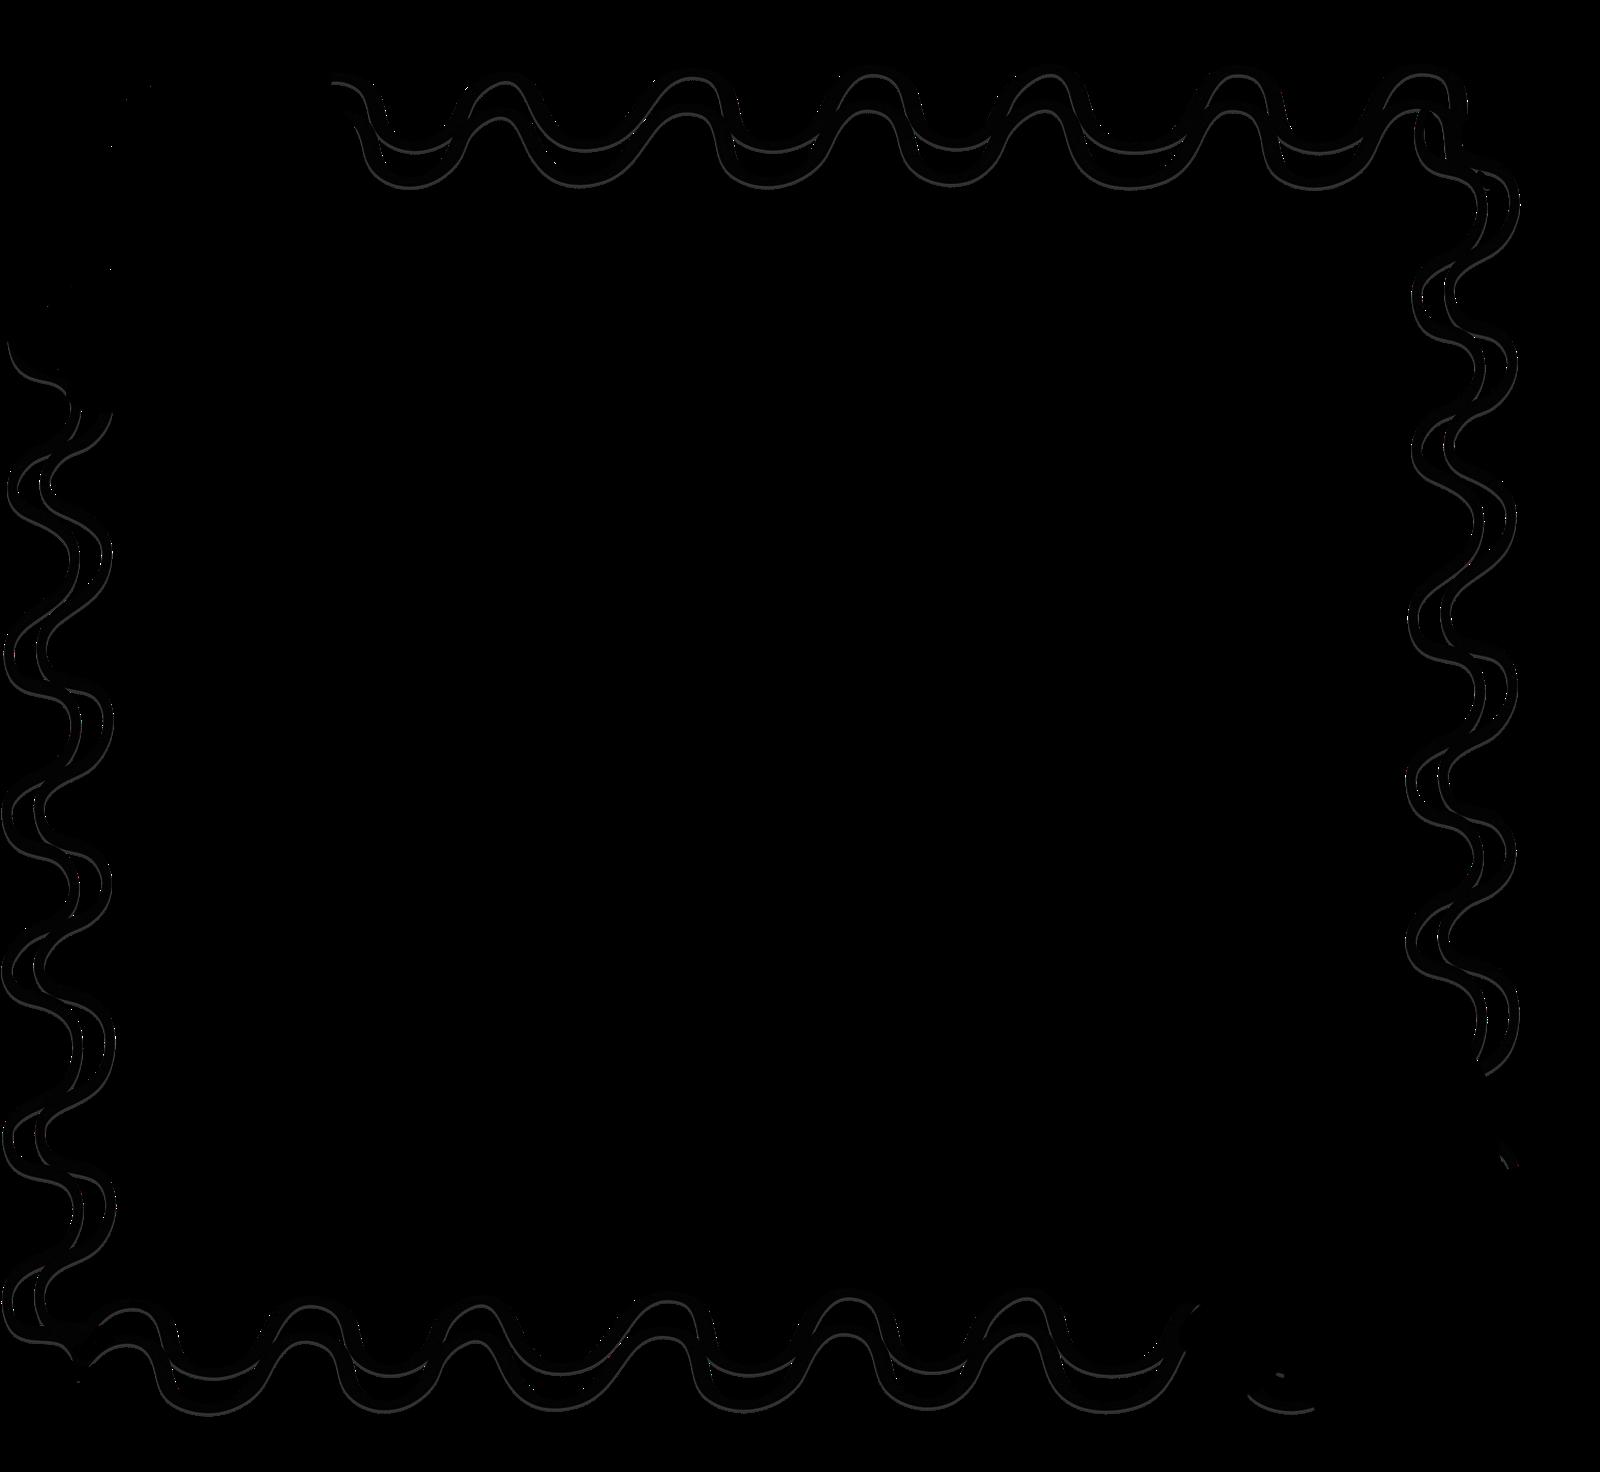 flower clipart black and white frame